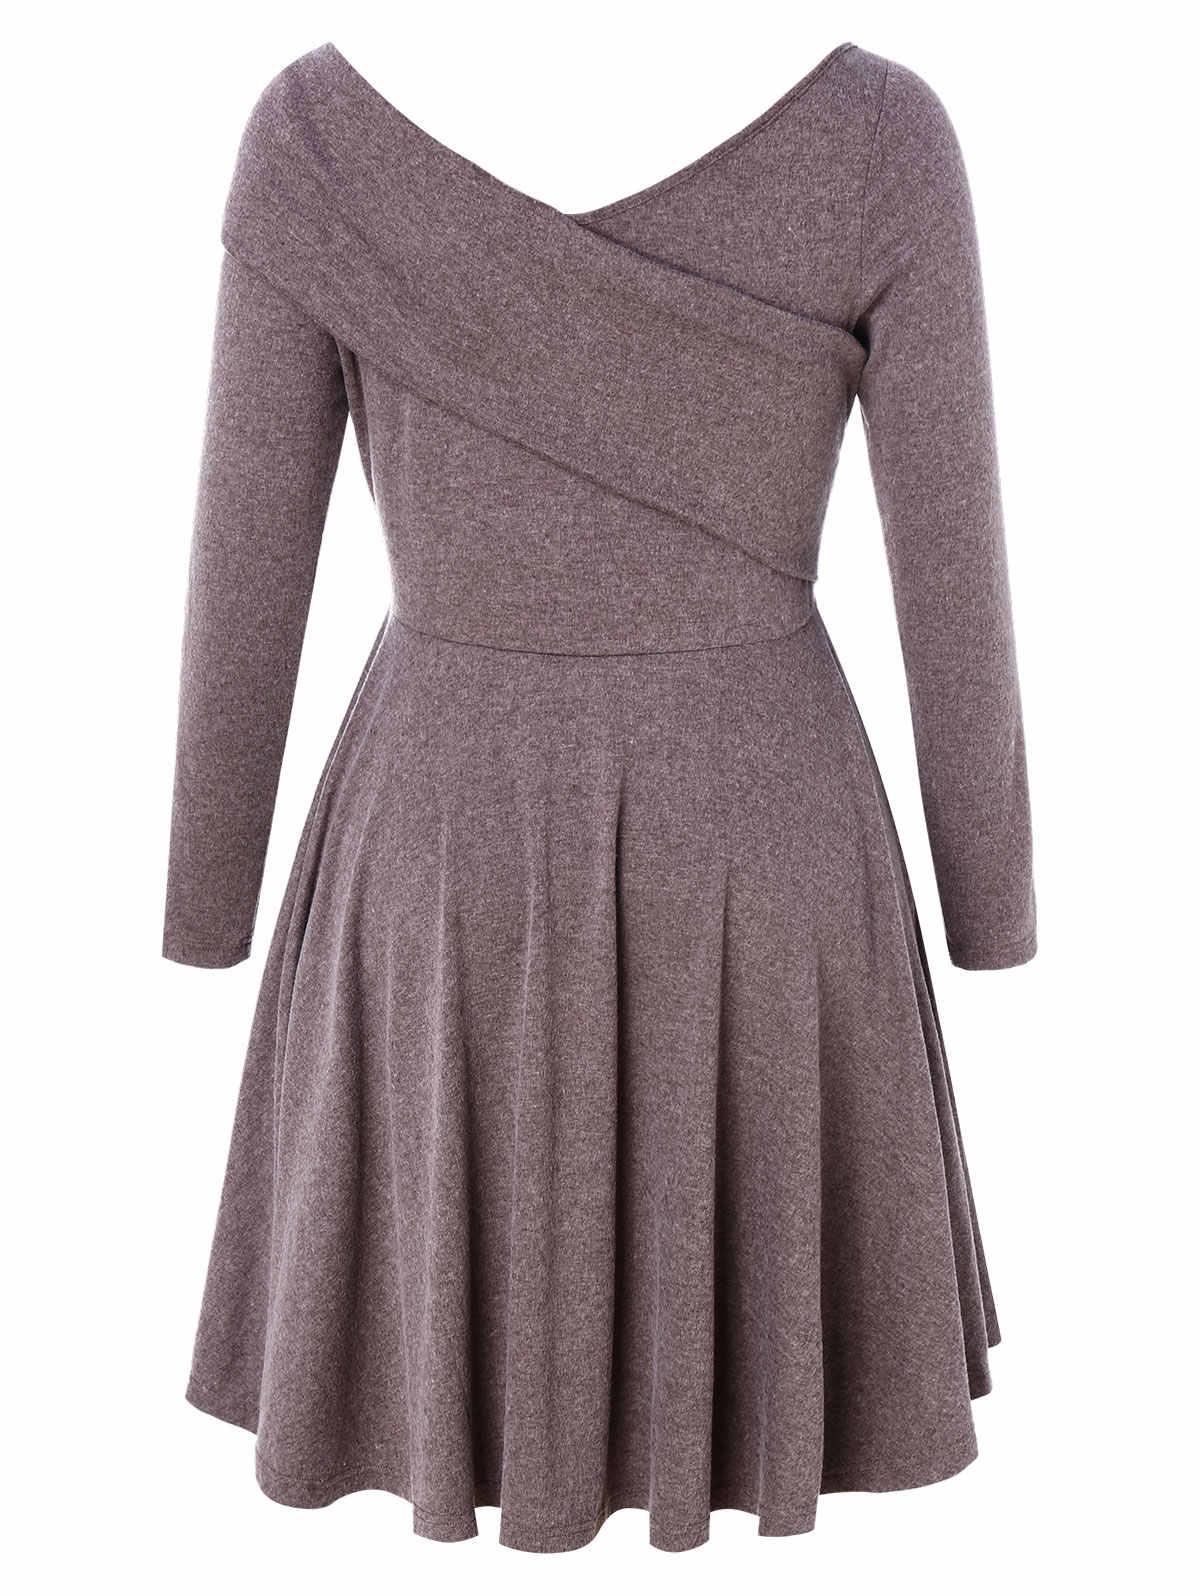 Wipalo женское платье больших размеров, украшенное, приталенное платье с v-образным вырезом и длинными рукавами, повседневное однотонное трикотажное платье, весенние женские платья